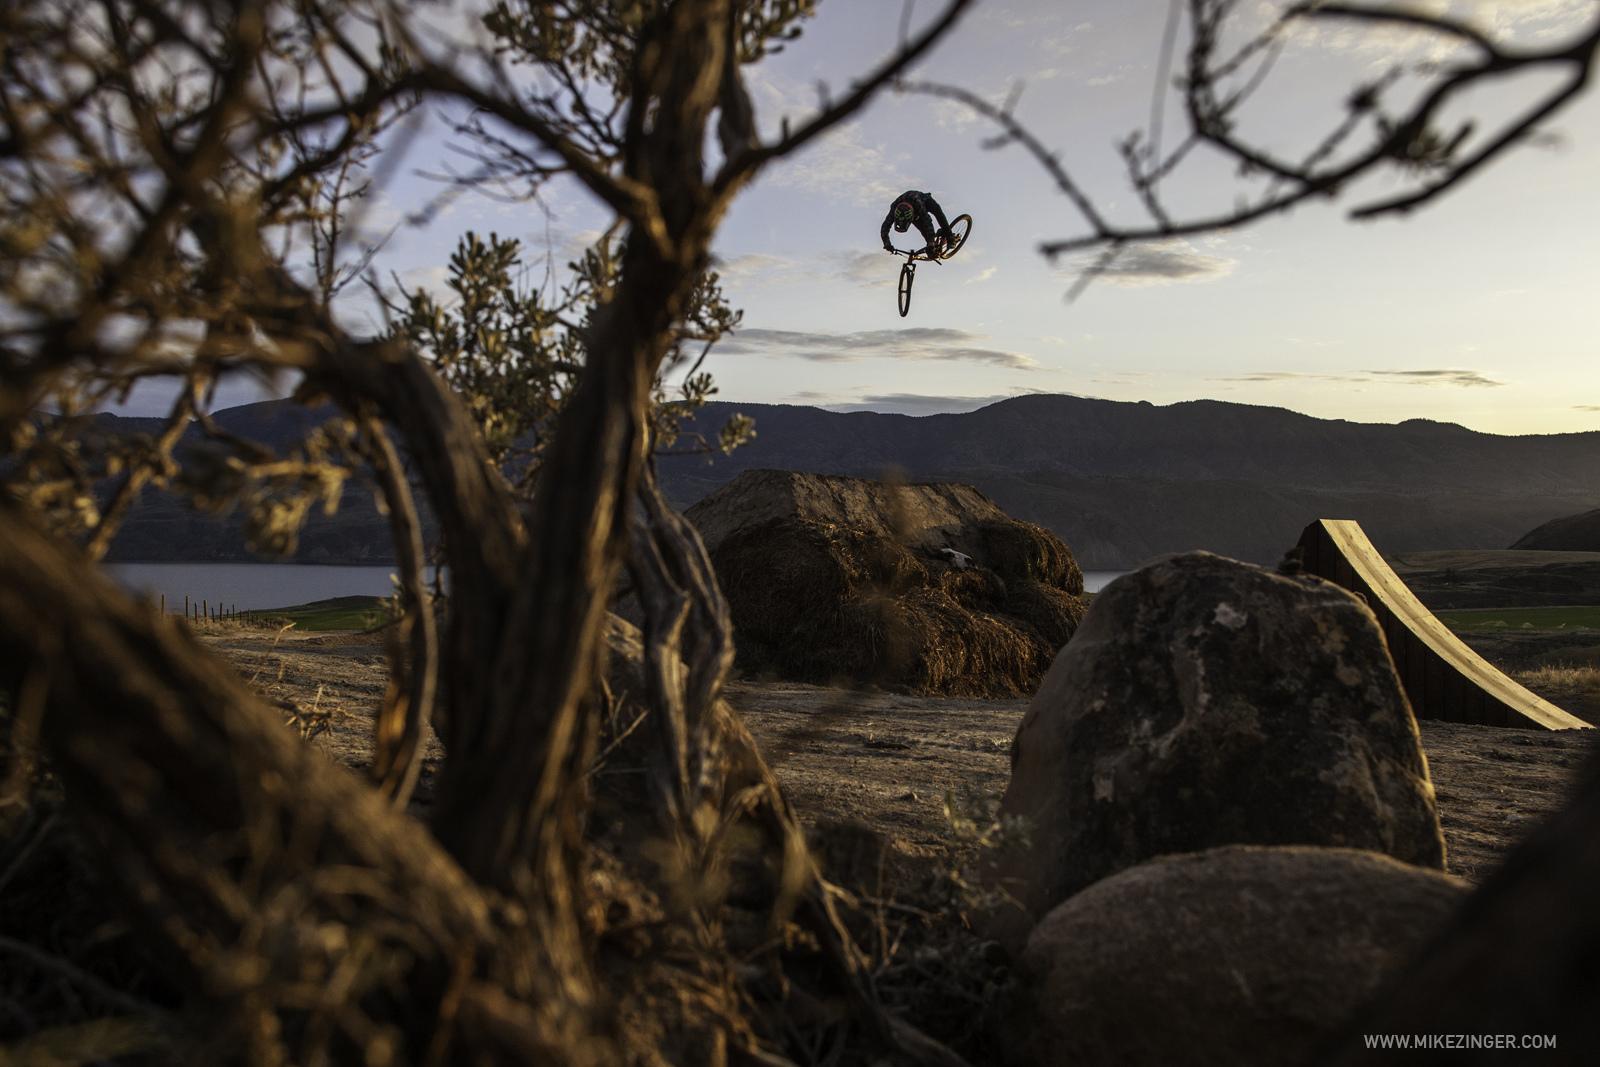 Brett Rheeder in Horsepower a video by Mindspark Cinema and Monster Energy.